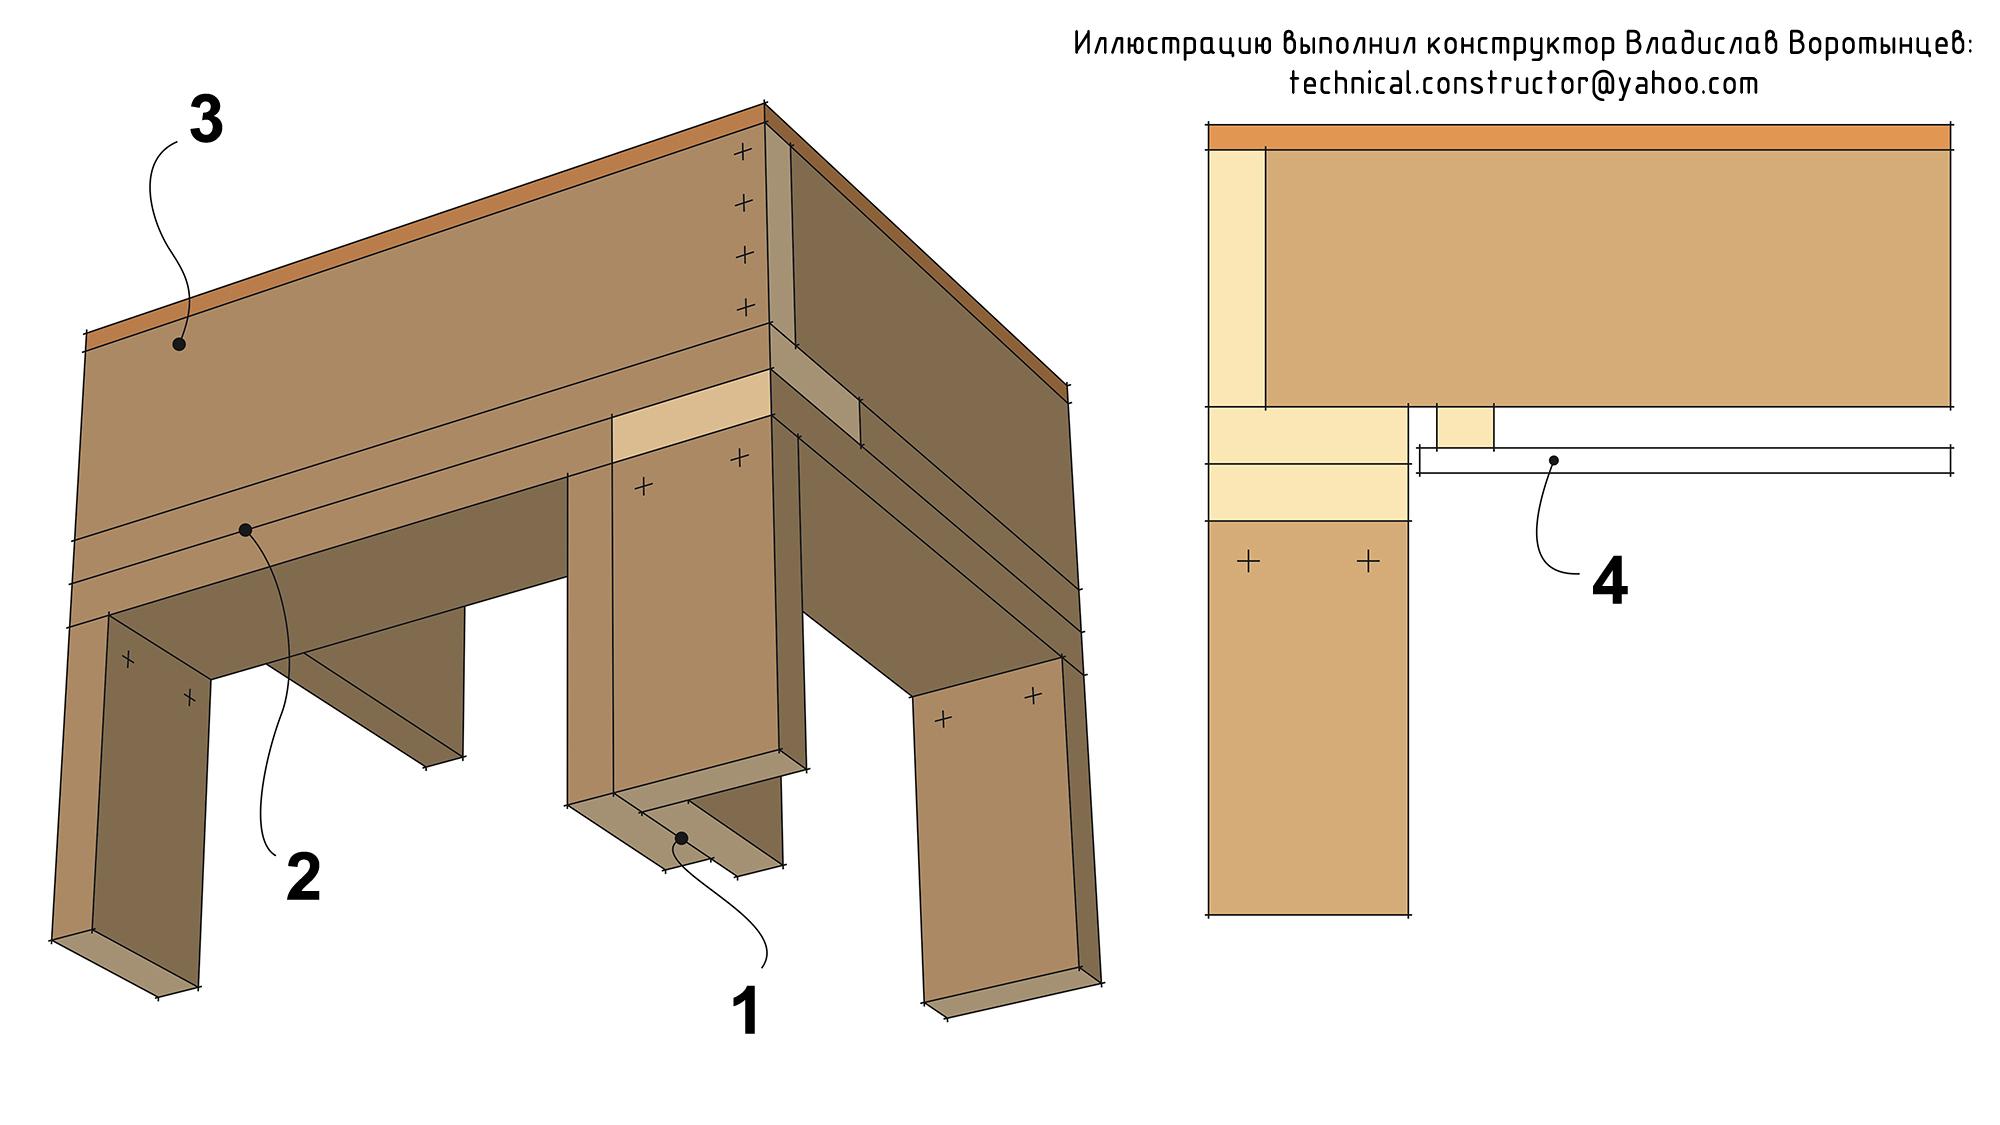 Рис. 9.11 Верхняя обвязка скандинавской каркасной стены.